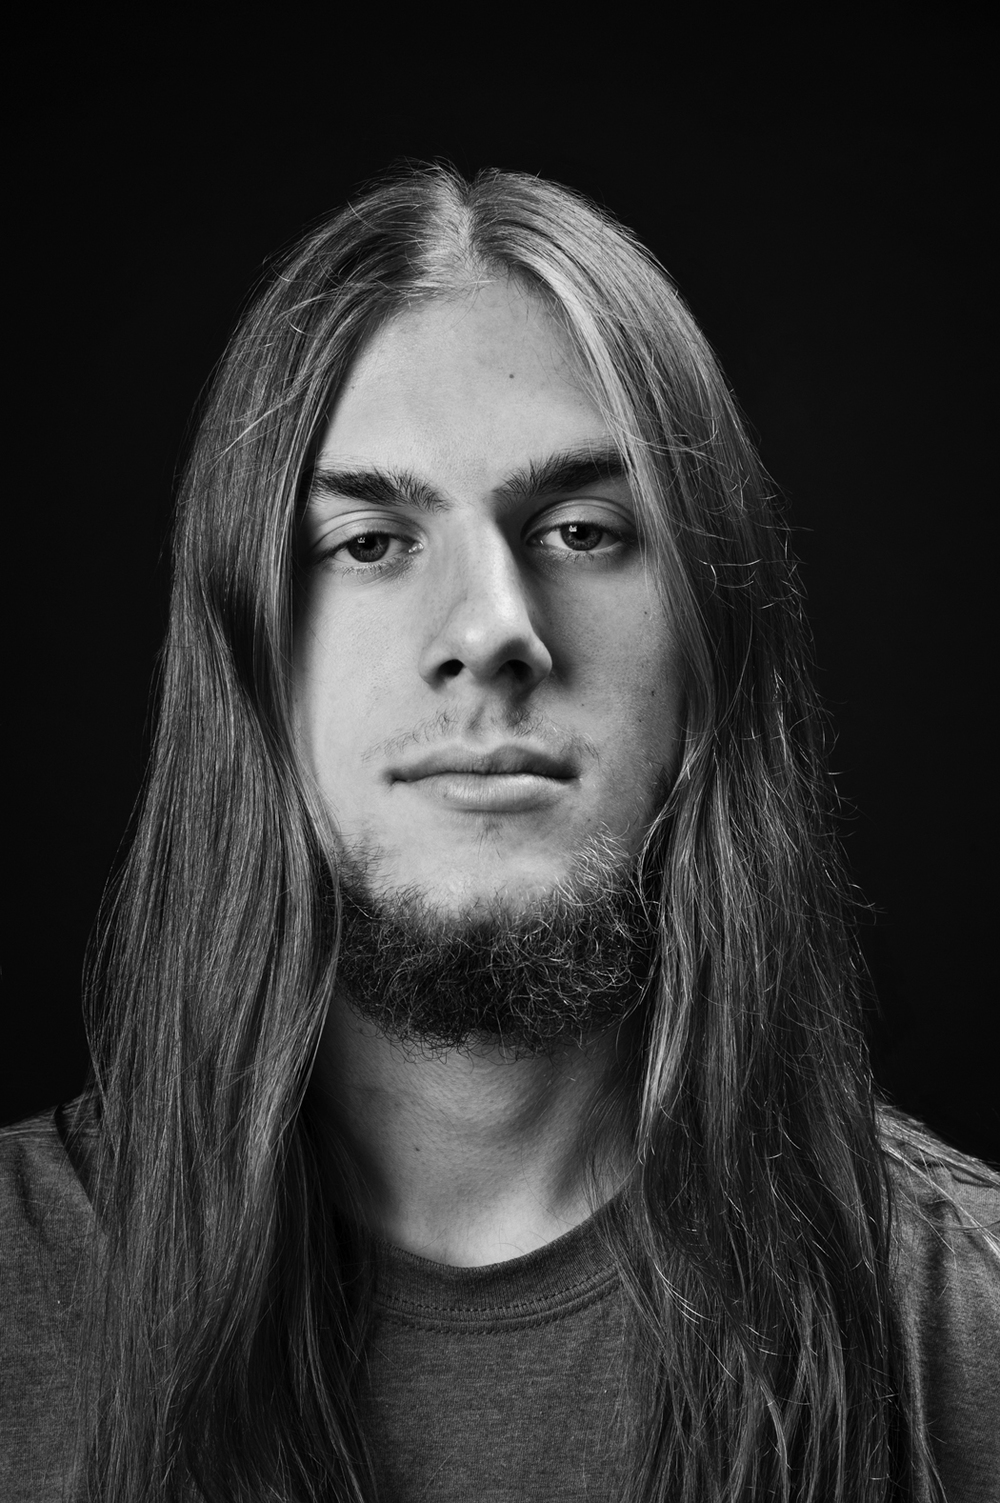 Vincent Crow